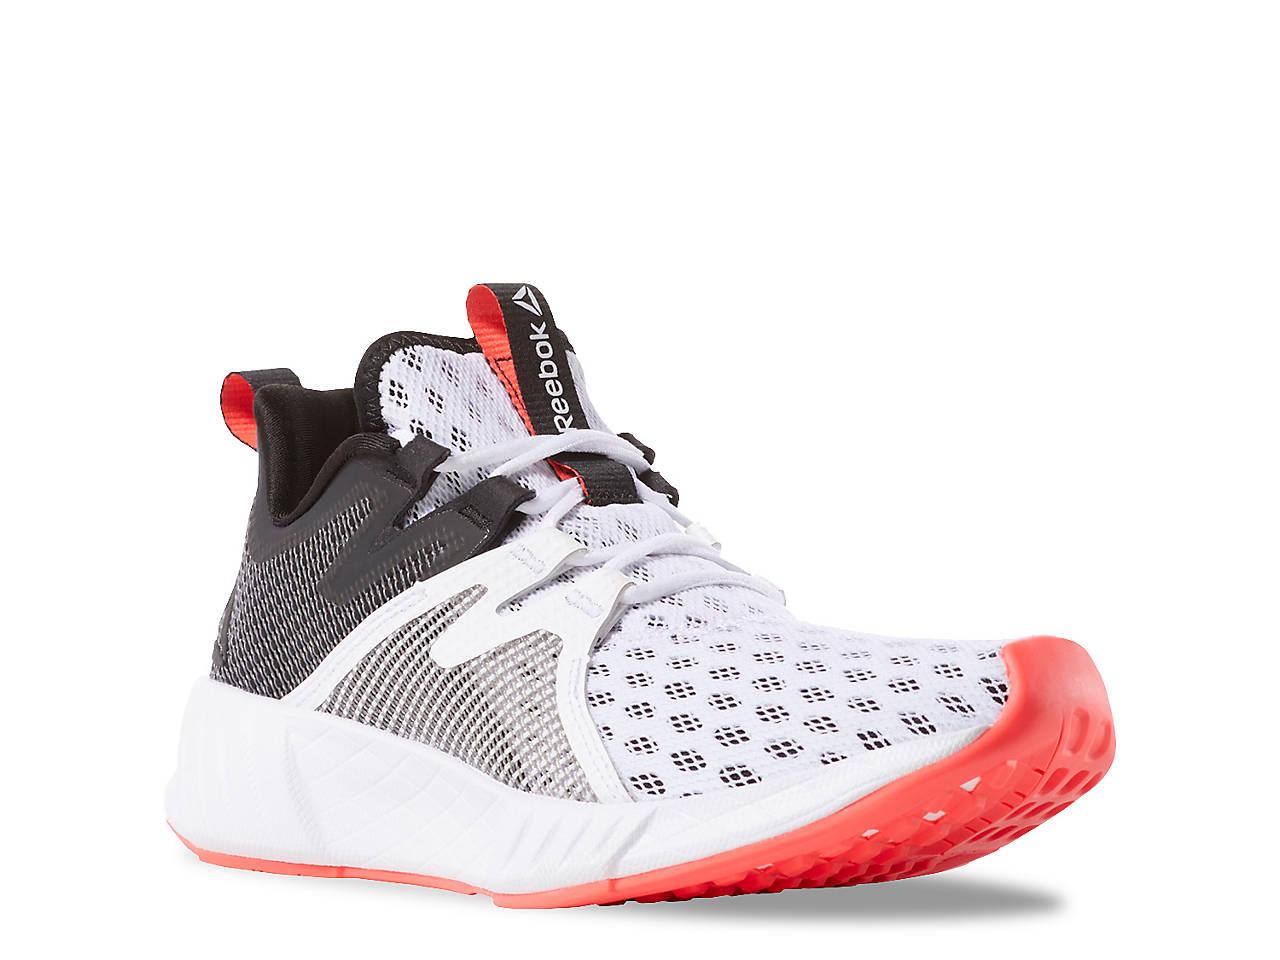 b71ac9224c08 Reebok Fusium Run 2.0 Running Shoe - Women s Women s Shoes